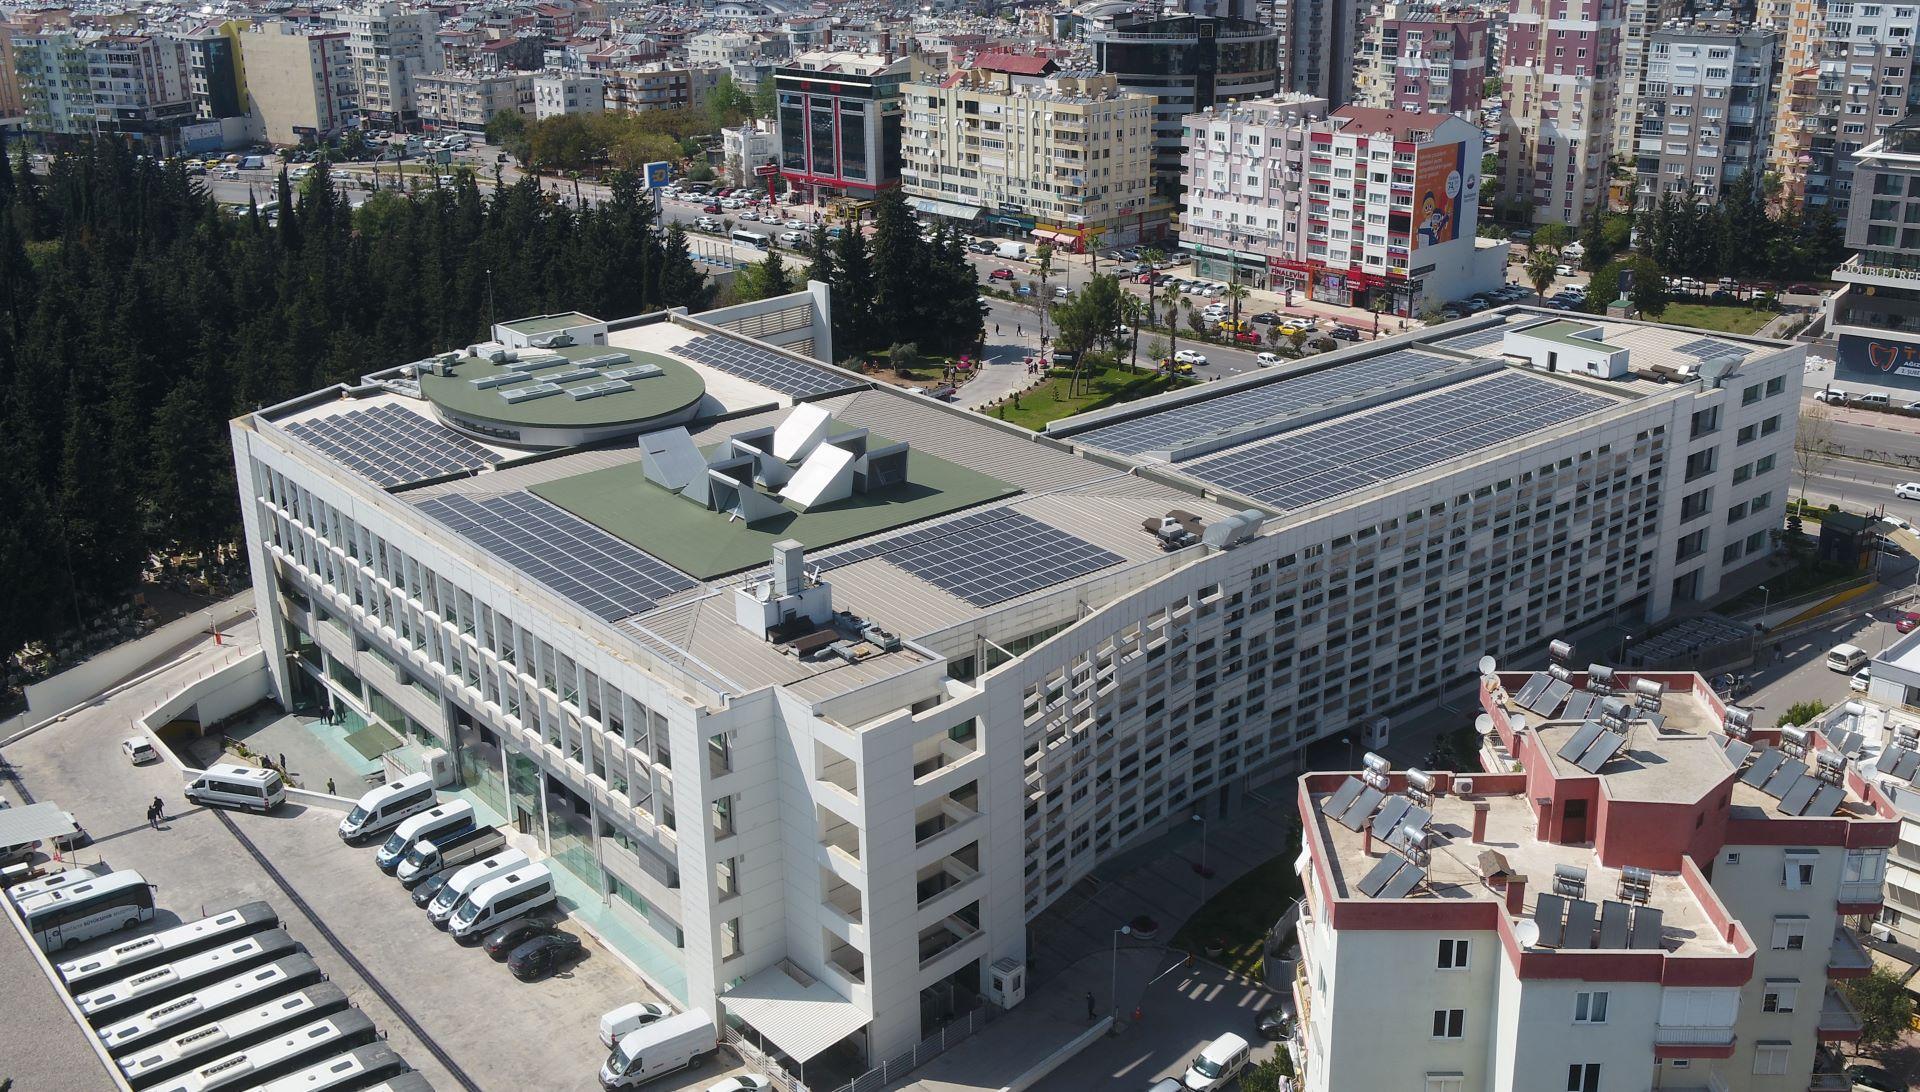 Büyükşehir Belediyesi çatısında elektrik üretimi başladı